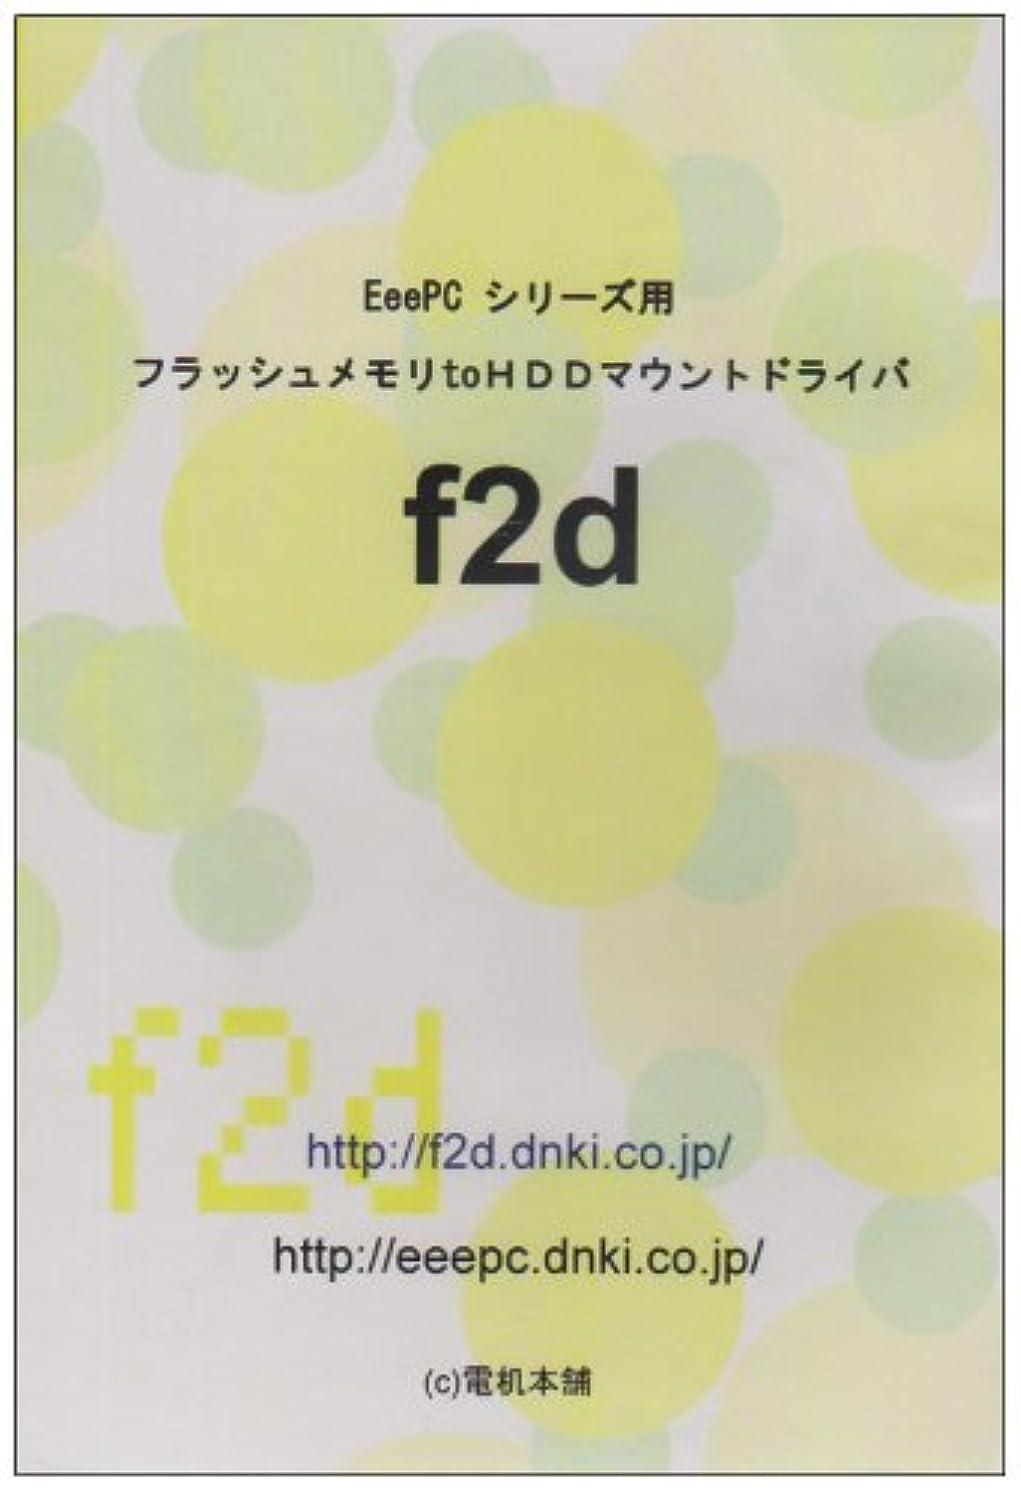 EeePC用フラッシュメモリtoHDDマウントドライバ Ver1.5